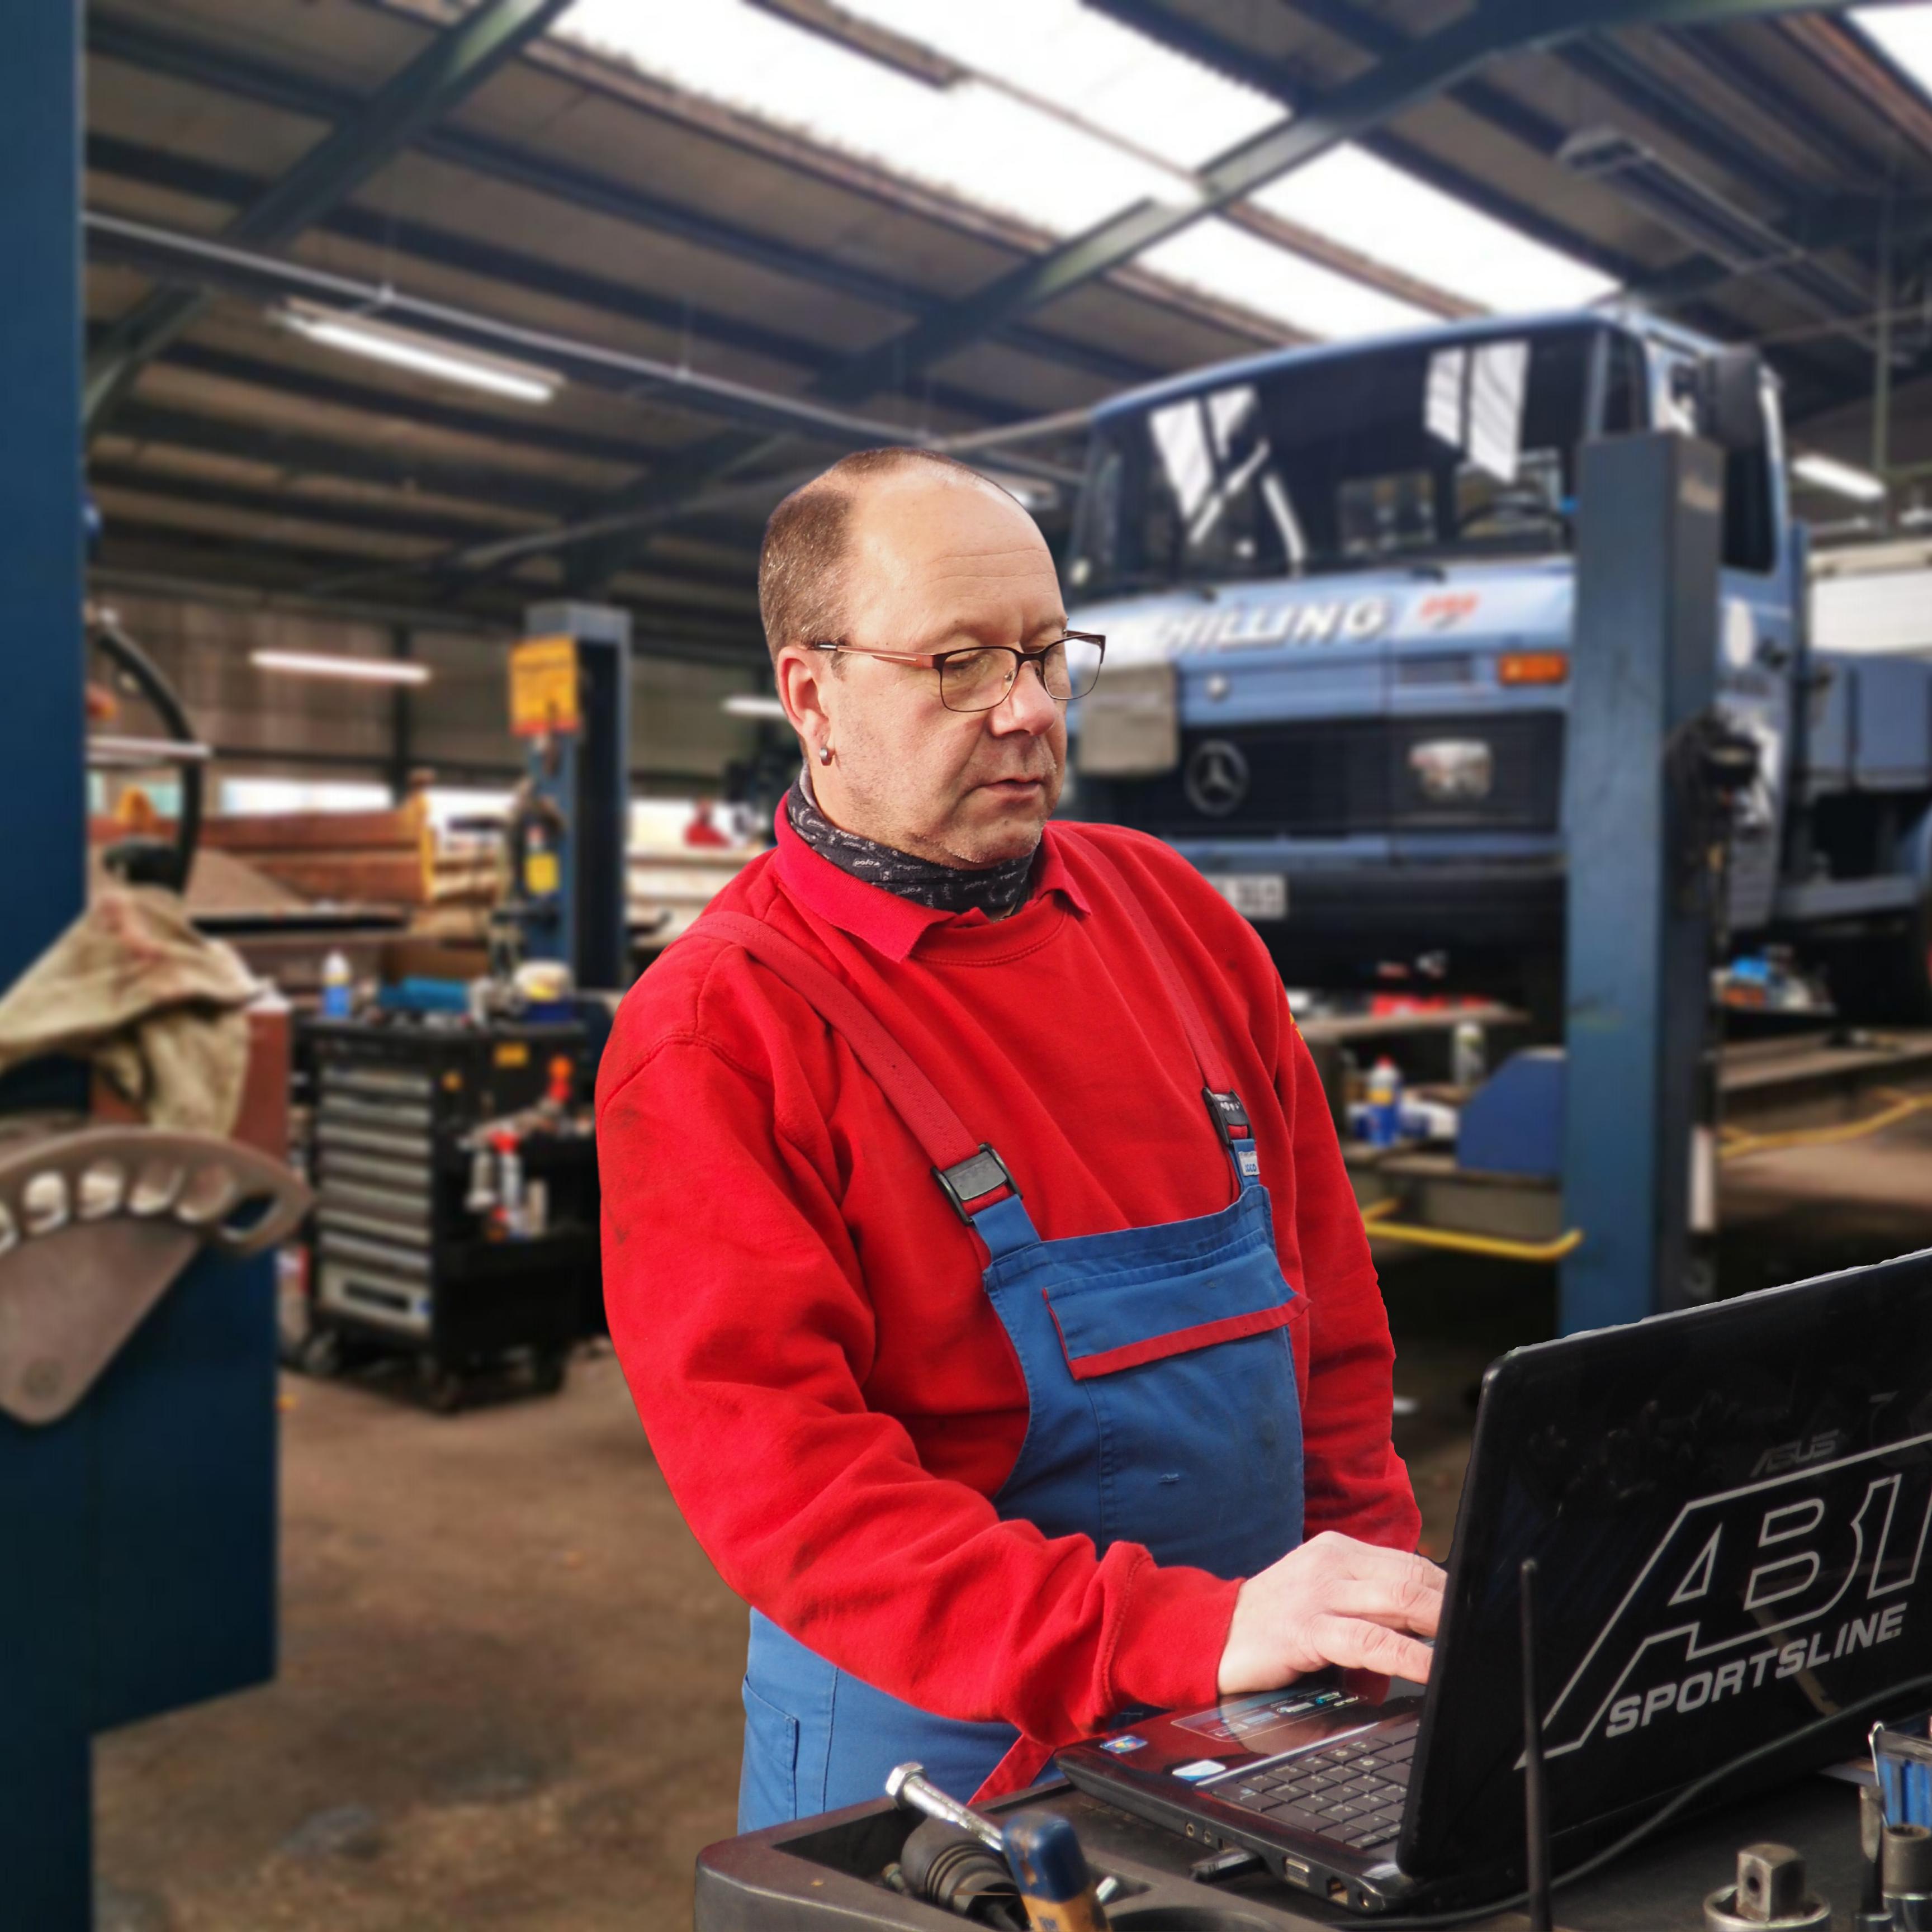 Wartung durch Ihre freie Werkstatt für LKW / NFZ / PKW und Anhänger in Wülfrath – Kreis Mettmann